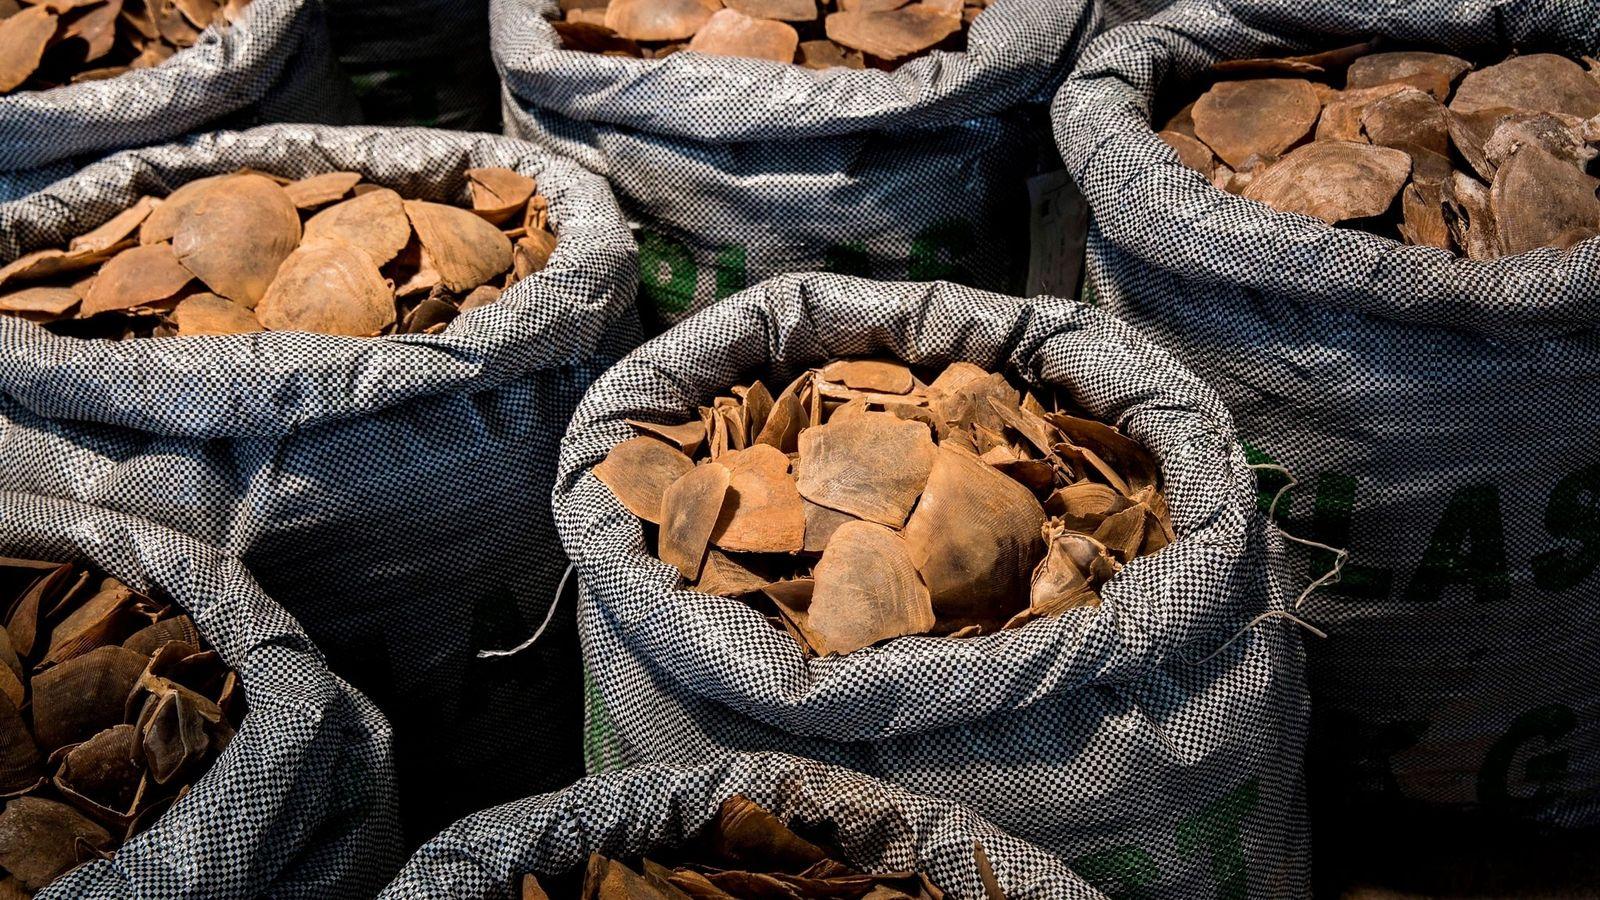 Plus de 128 tonnes d'écailles et de viande de pangolin ont été interceptées dans le monde ...